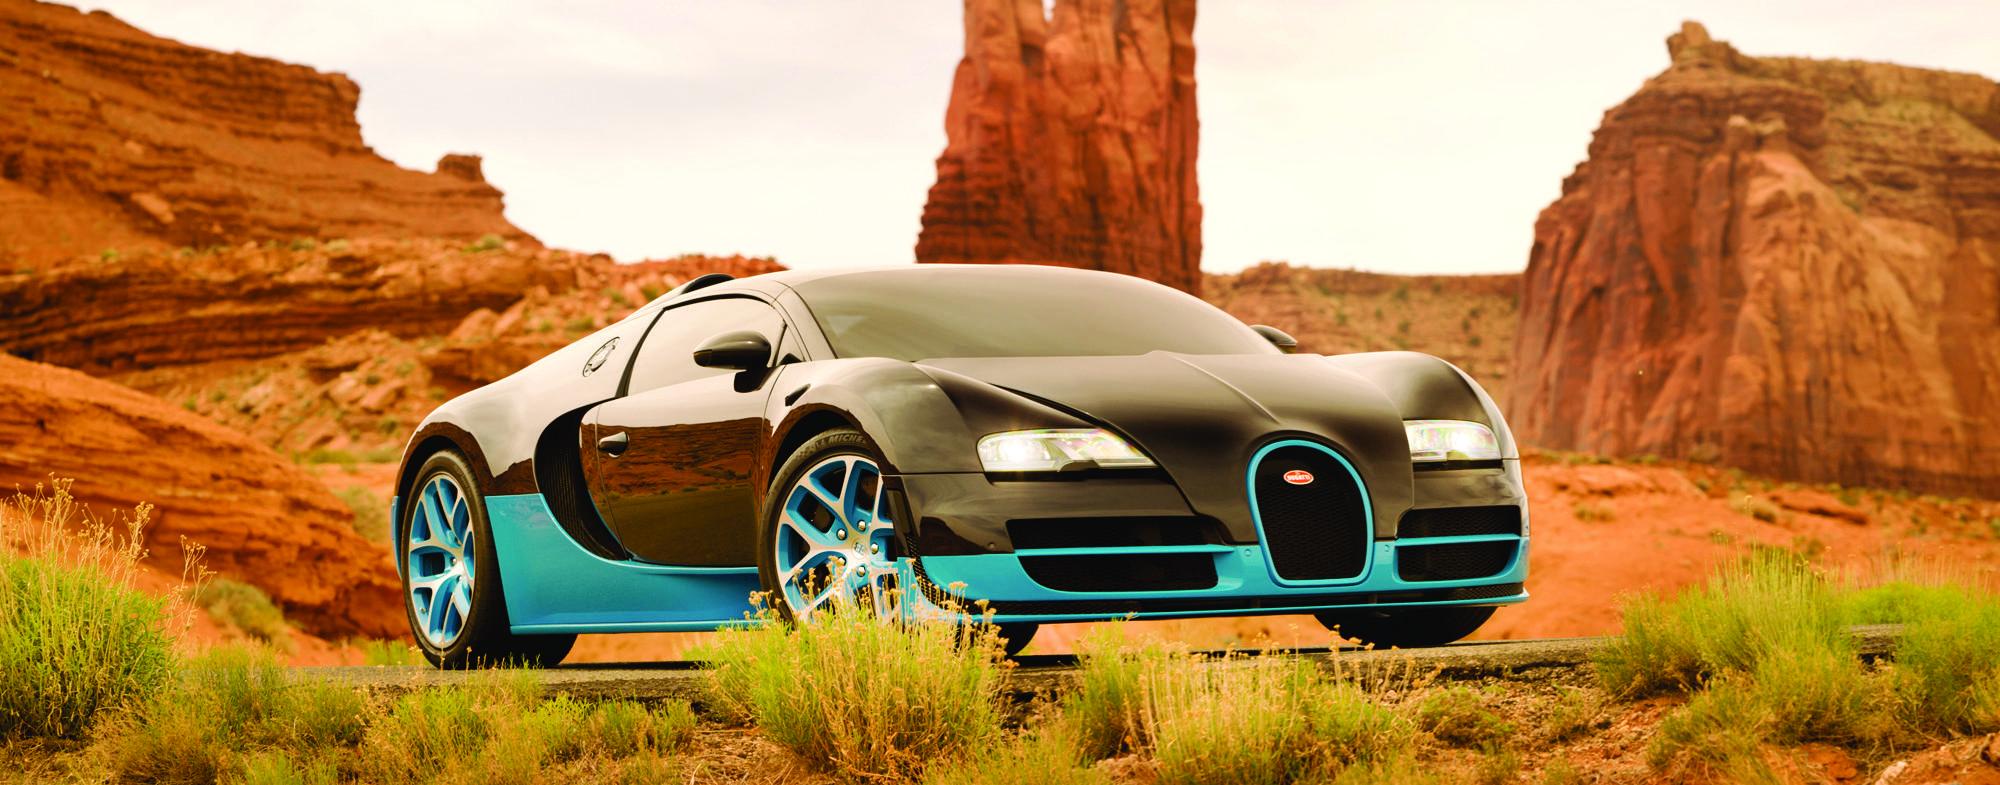 Bugatti_1. Transformers 4